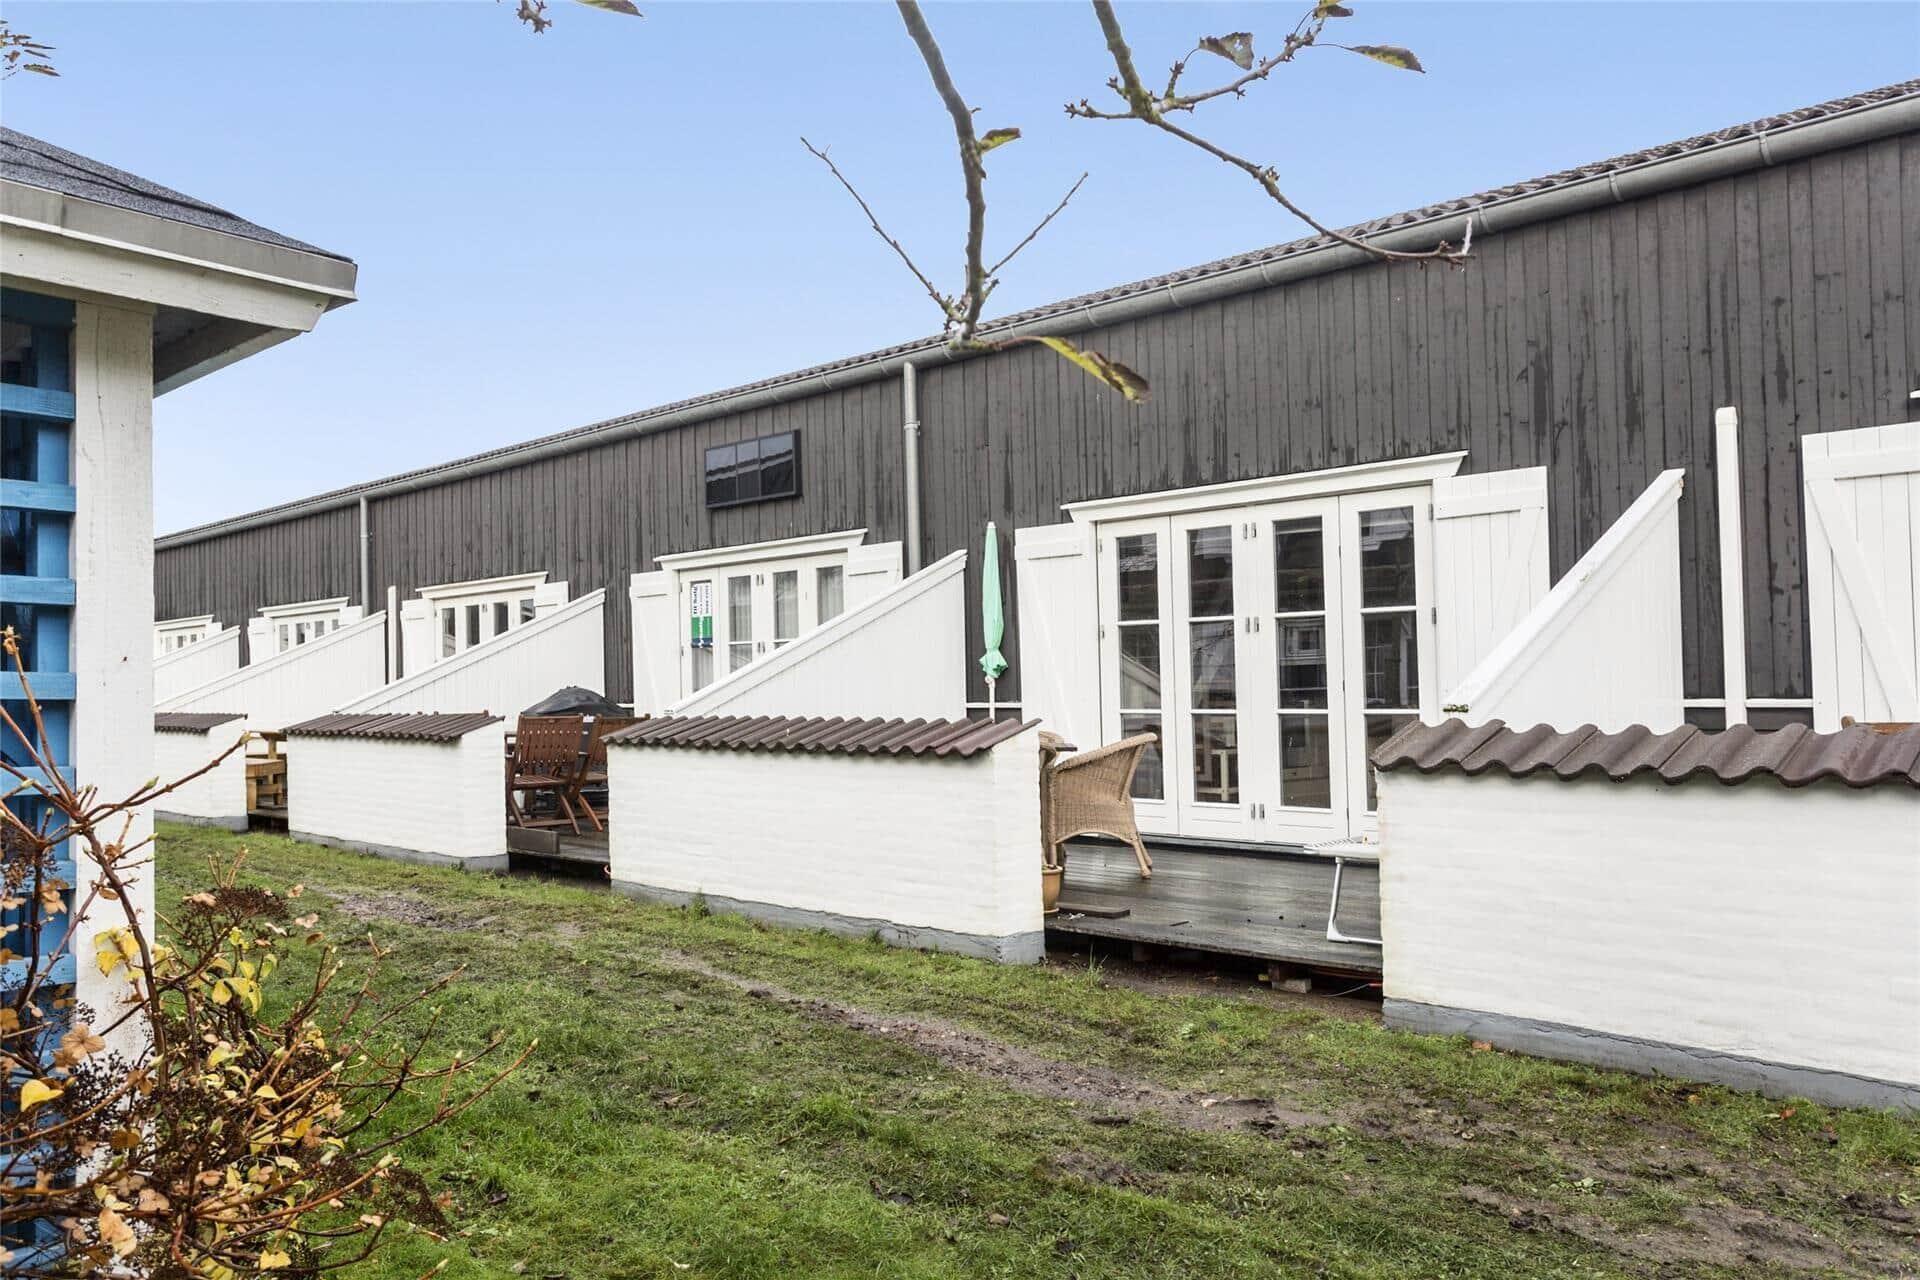 Billede 1-13 Sommerhus 274, Havnevej 1, DK - 7770 Vestervig